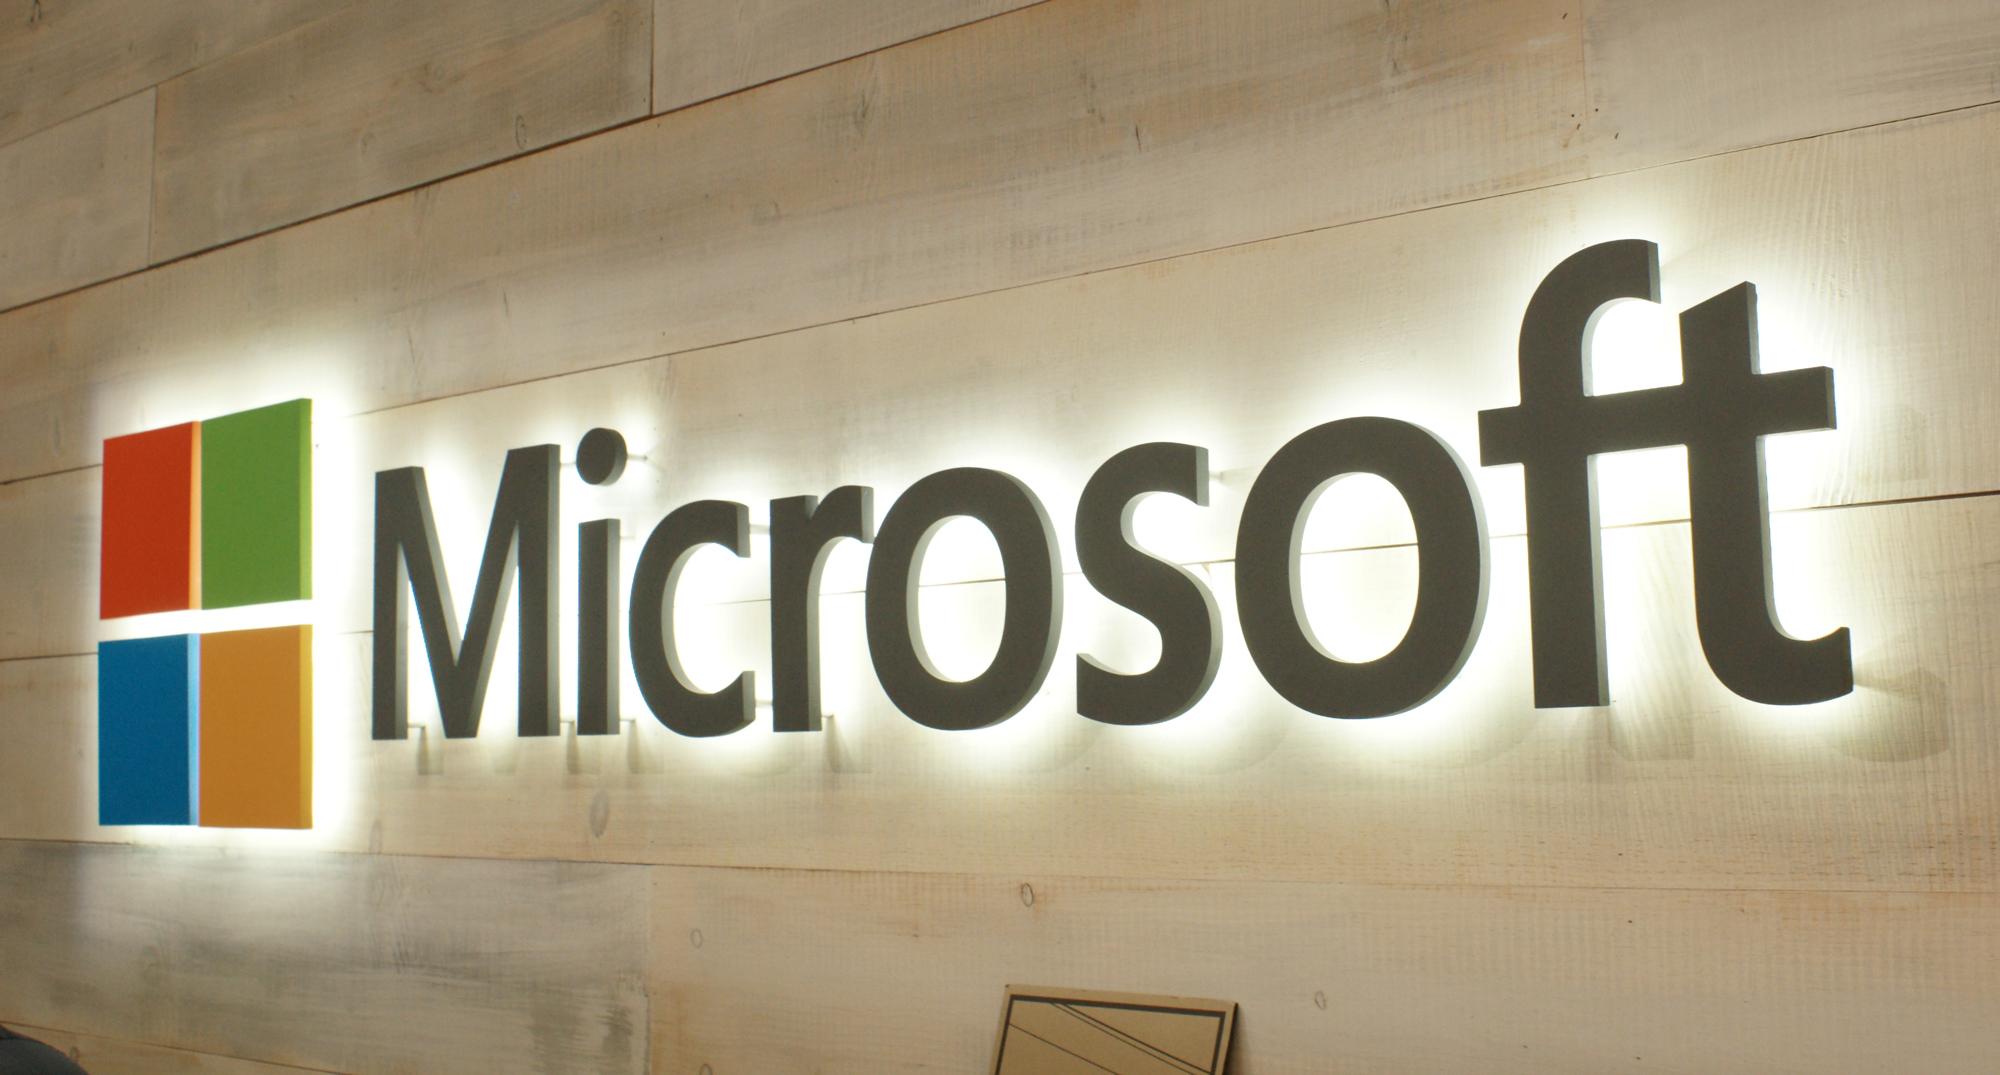 Luật sư SBLAW tư vấn pháp lý cho Microsoft về bảo hộ quyền sở hữu trí tuệ  tại Việt Nam - Công ty luật SB